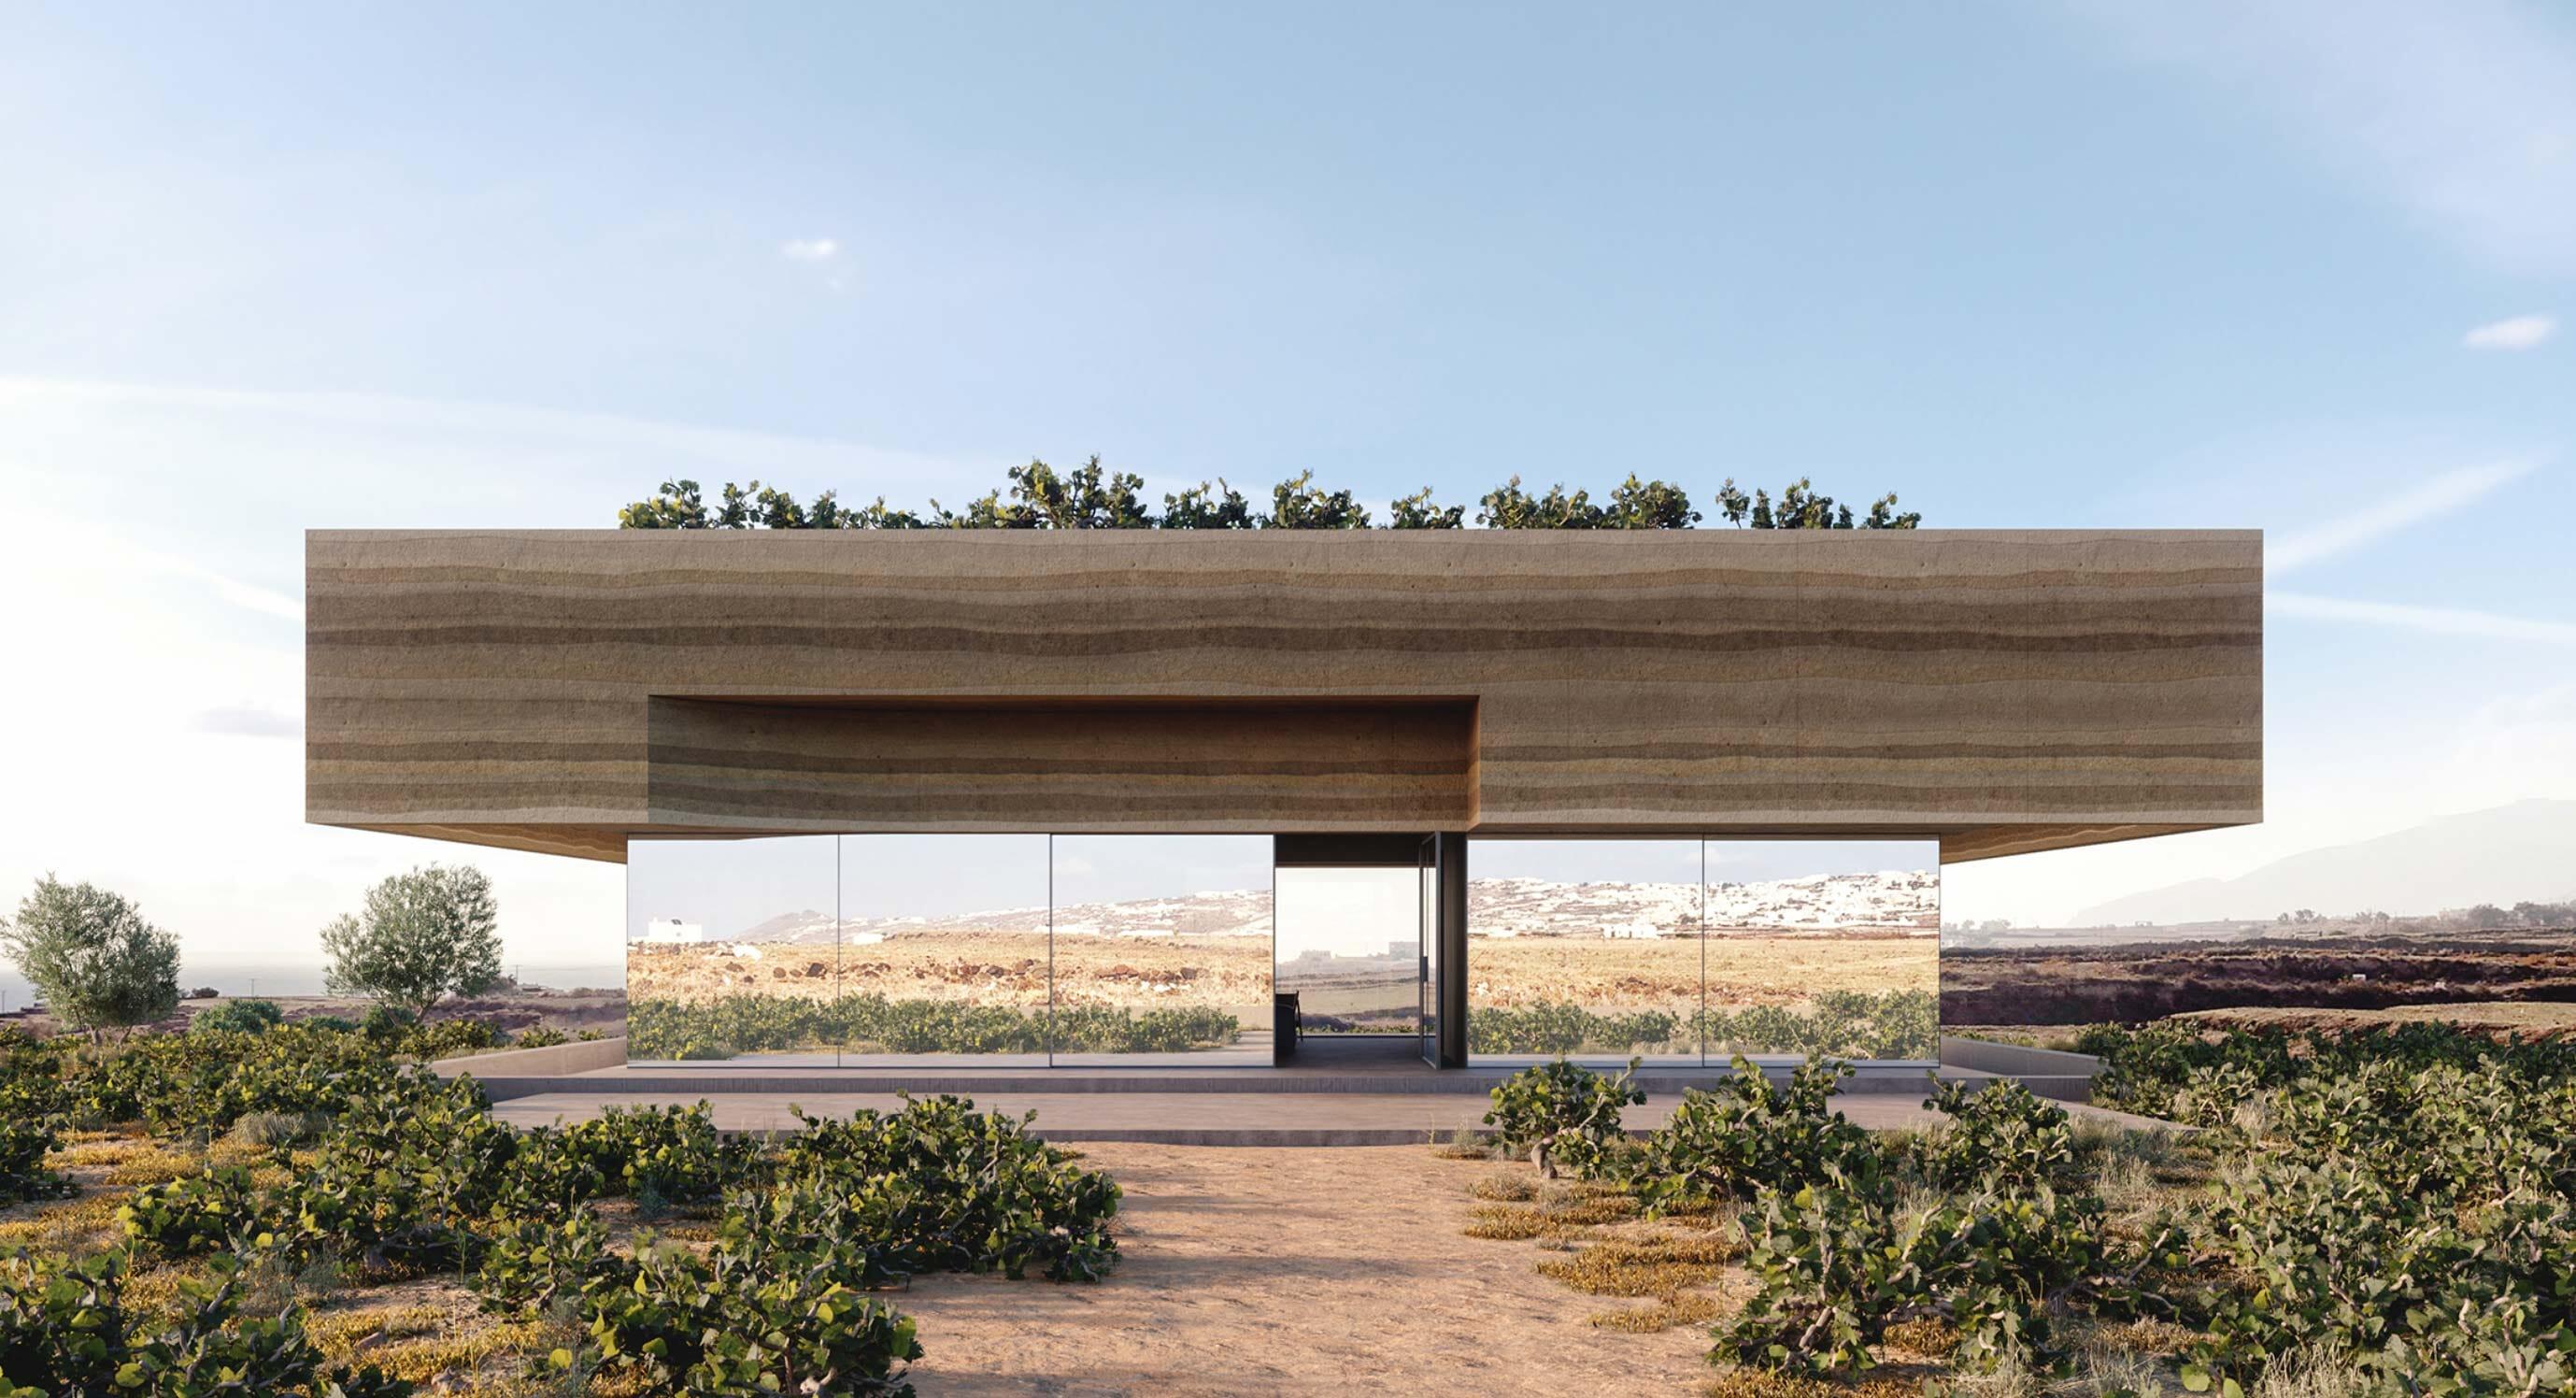 The Optical Illusion Of Kapsimalis Architects' Vineyard House